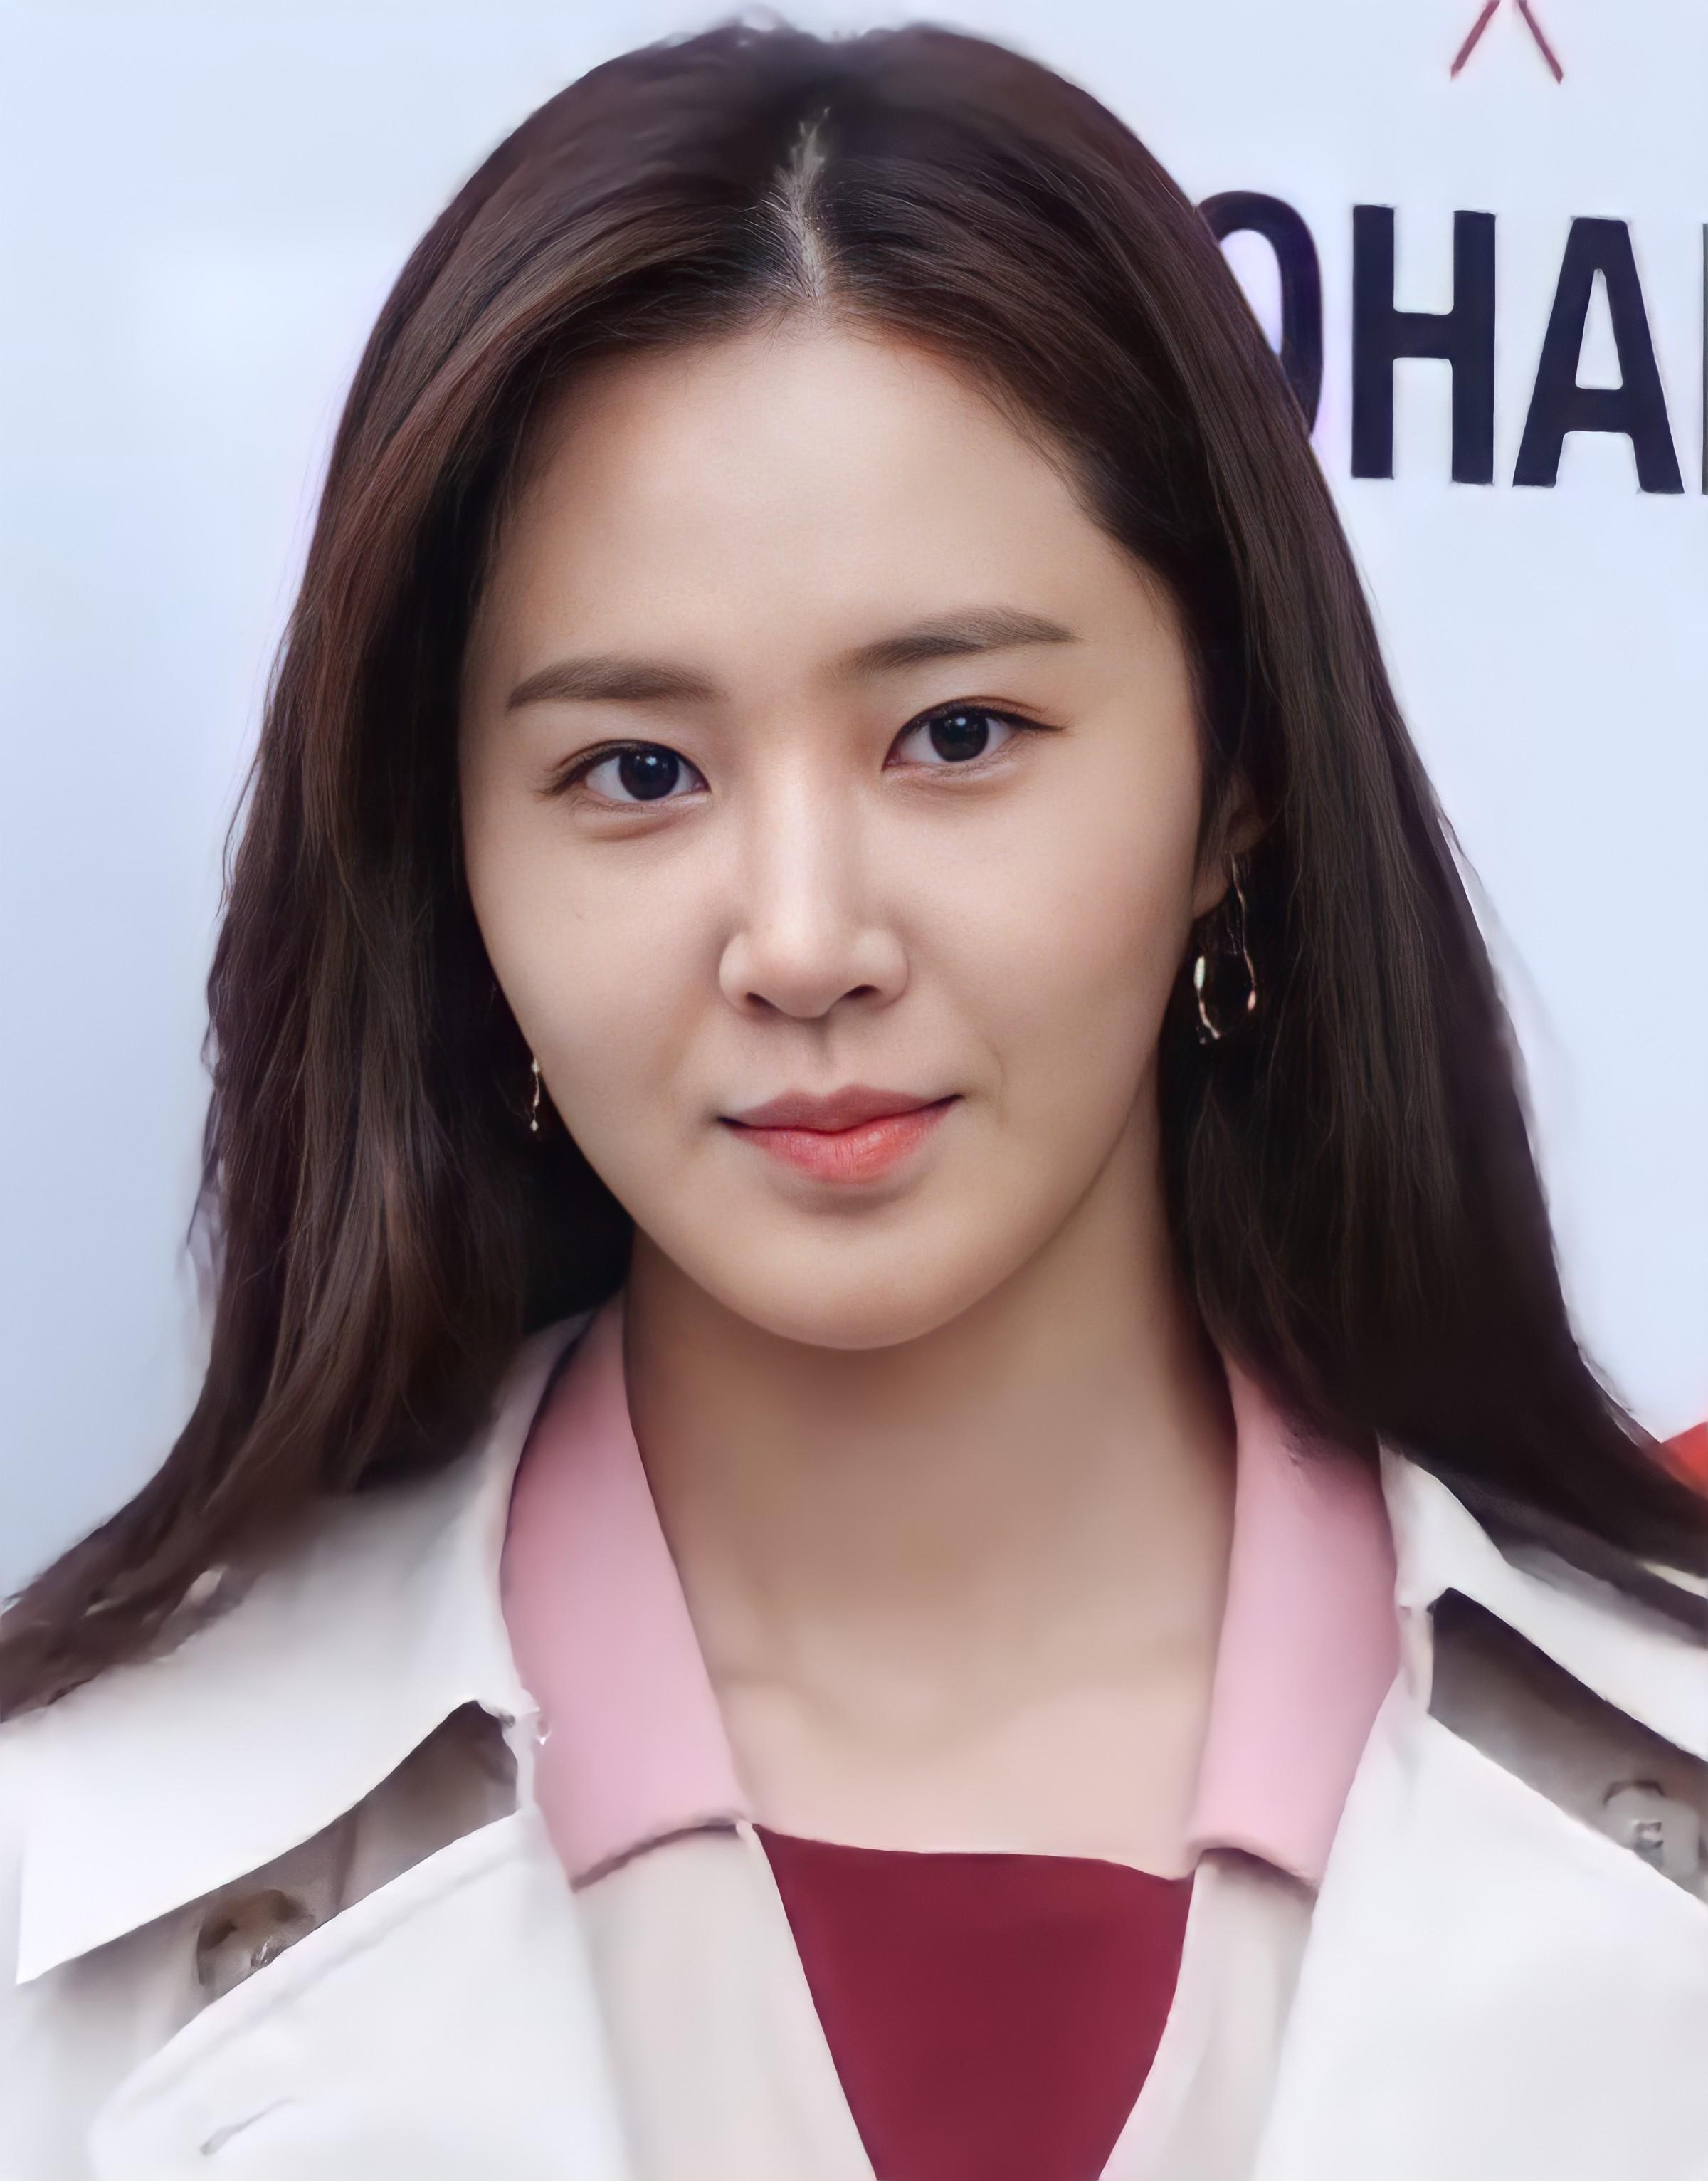 Paparazzi (canção de Girls Generation) - Wikipédia, a